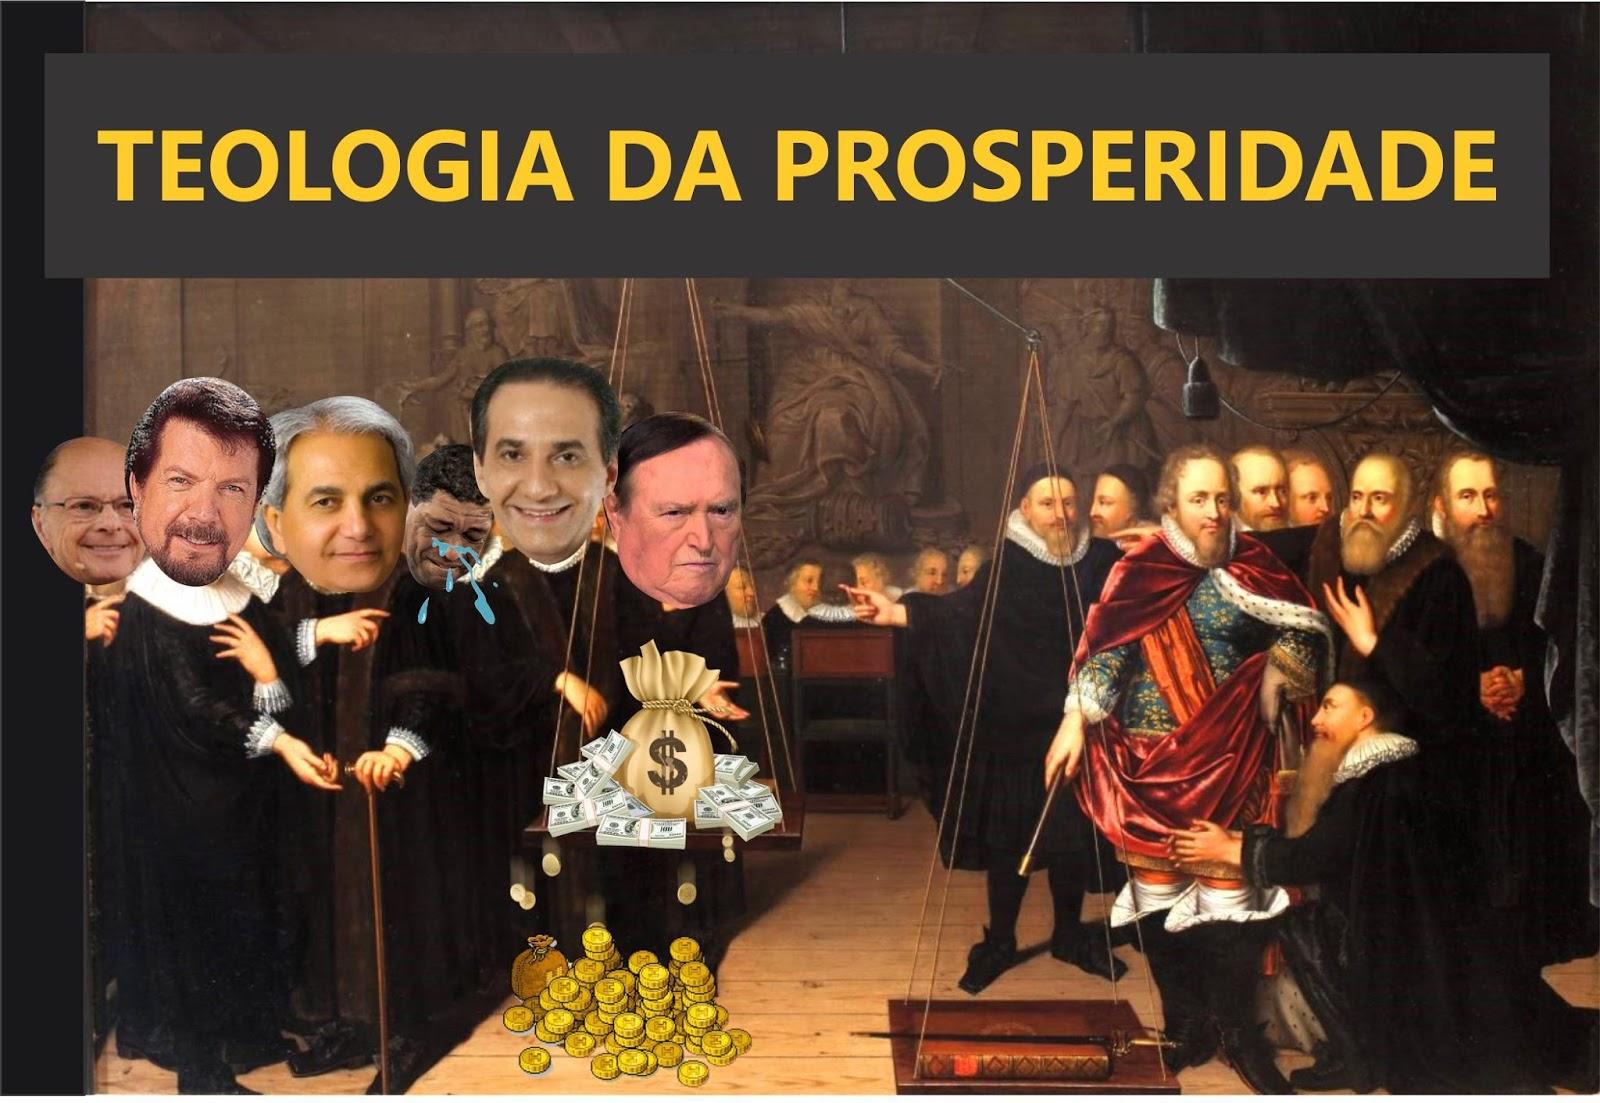 O que est errado com a teologia da prosperidade